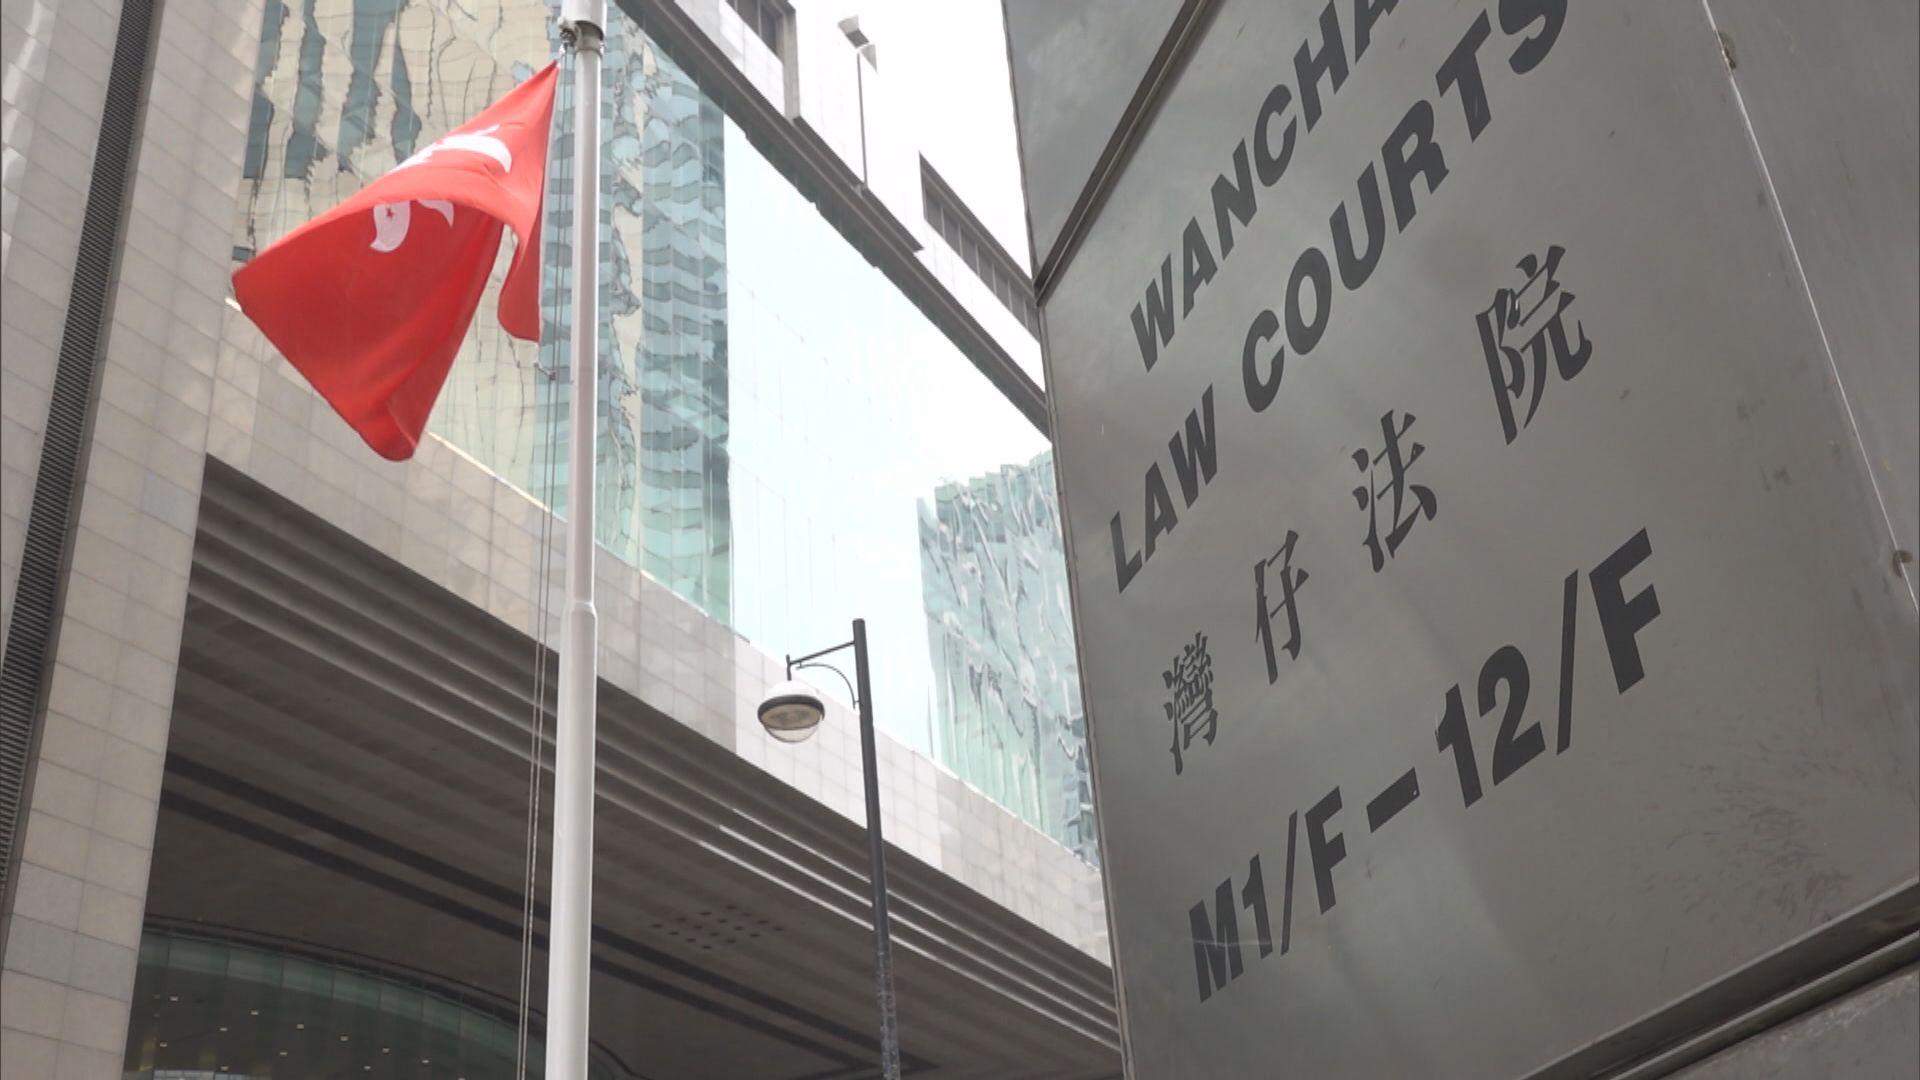 運輸工人暴動罪成 法官指被告裝束難接納是急救員